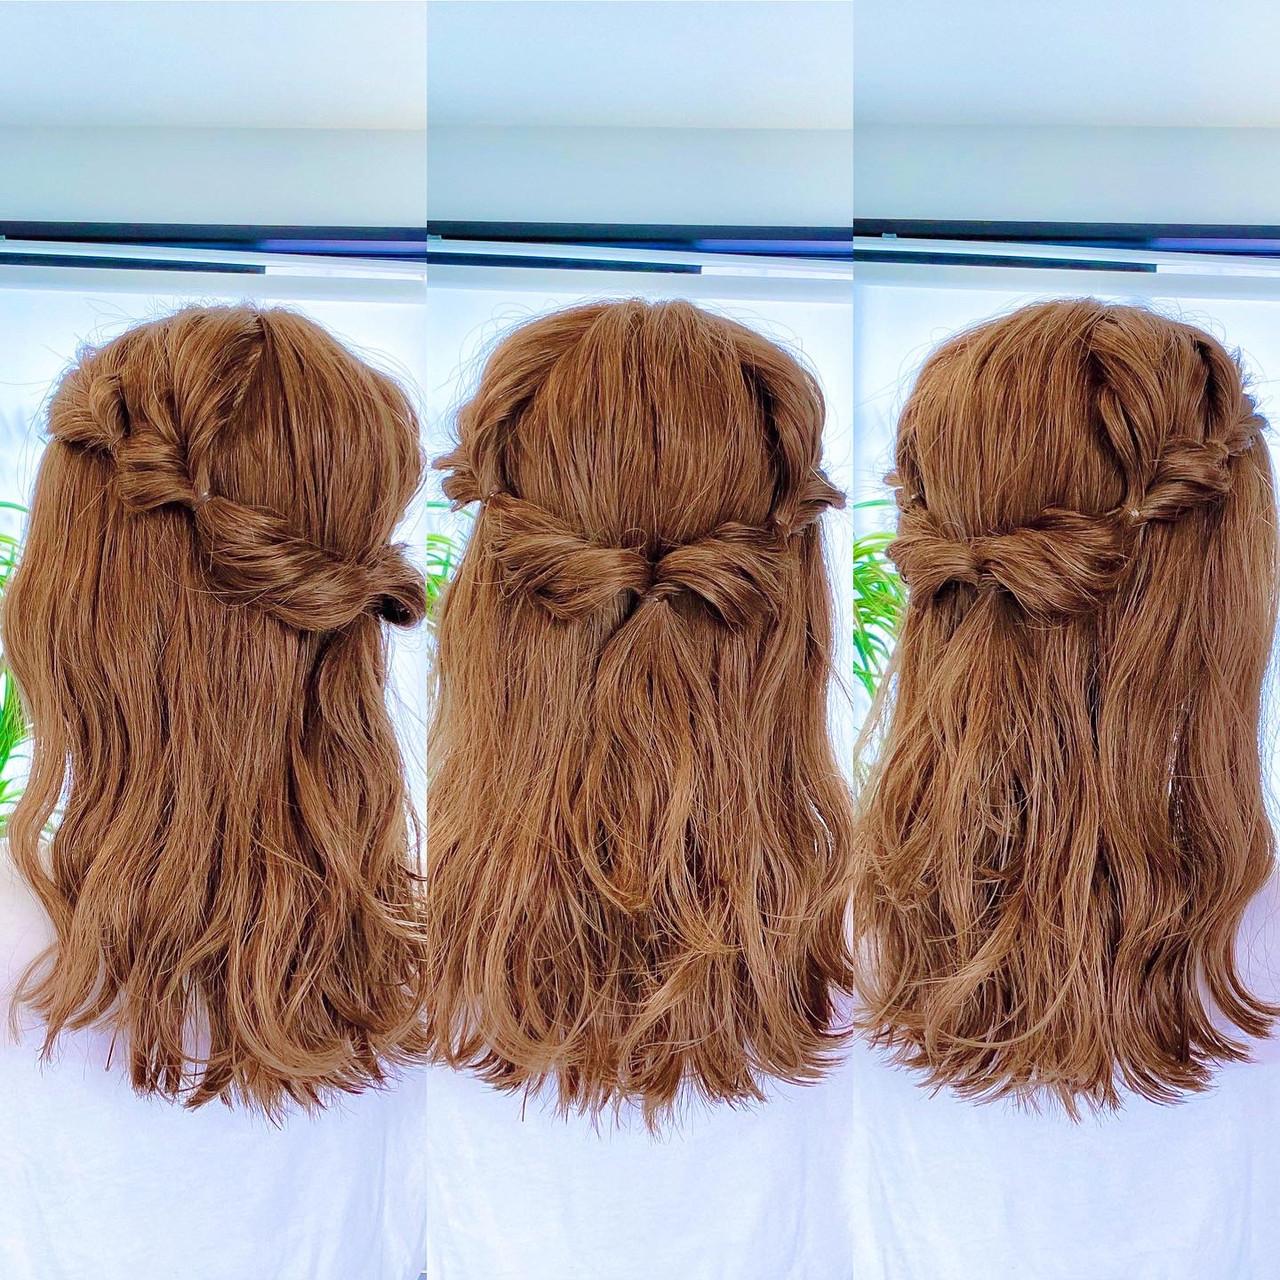 ハーフアップ ロング ヘアアレンジ 切りっぱなしボブ ヘアスタイルや髪型の写真・画像